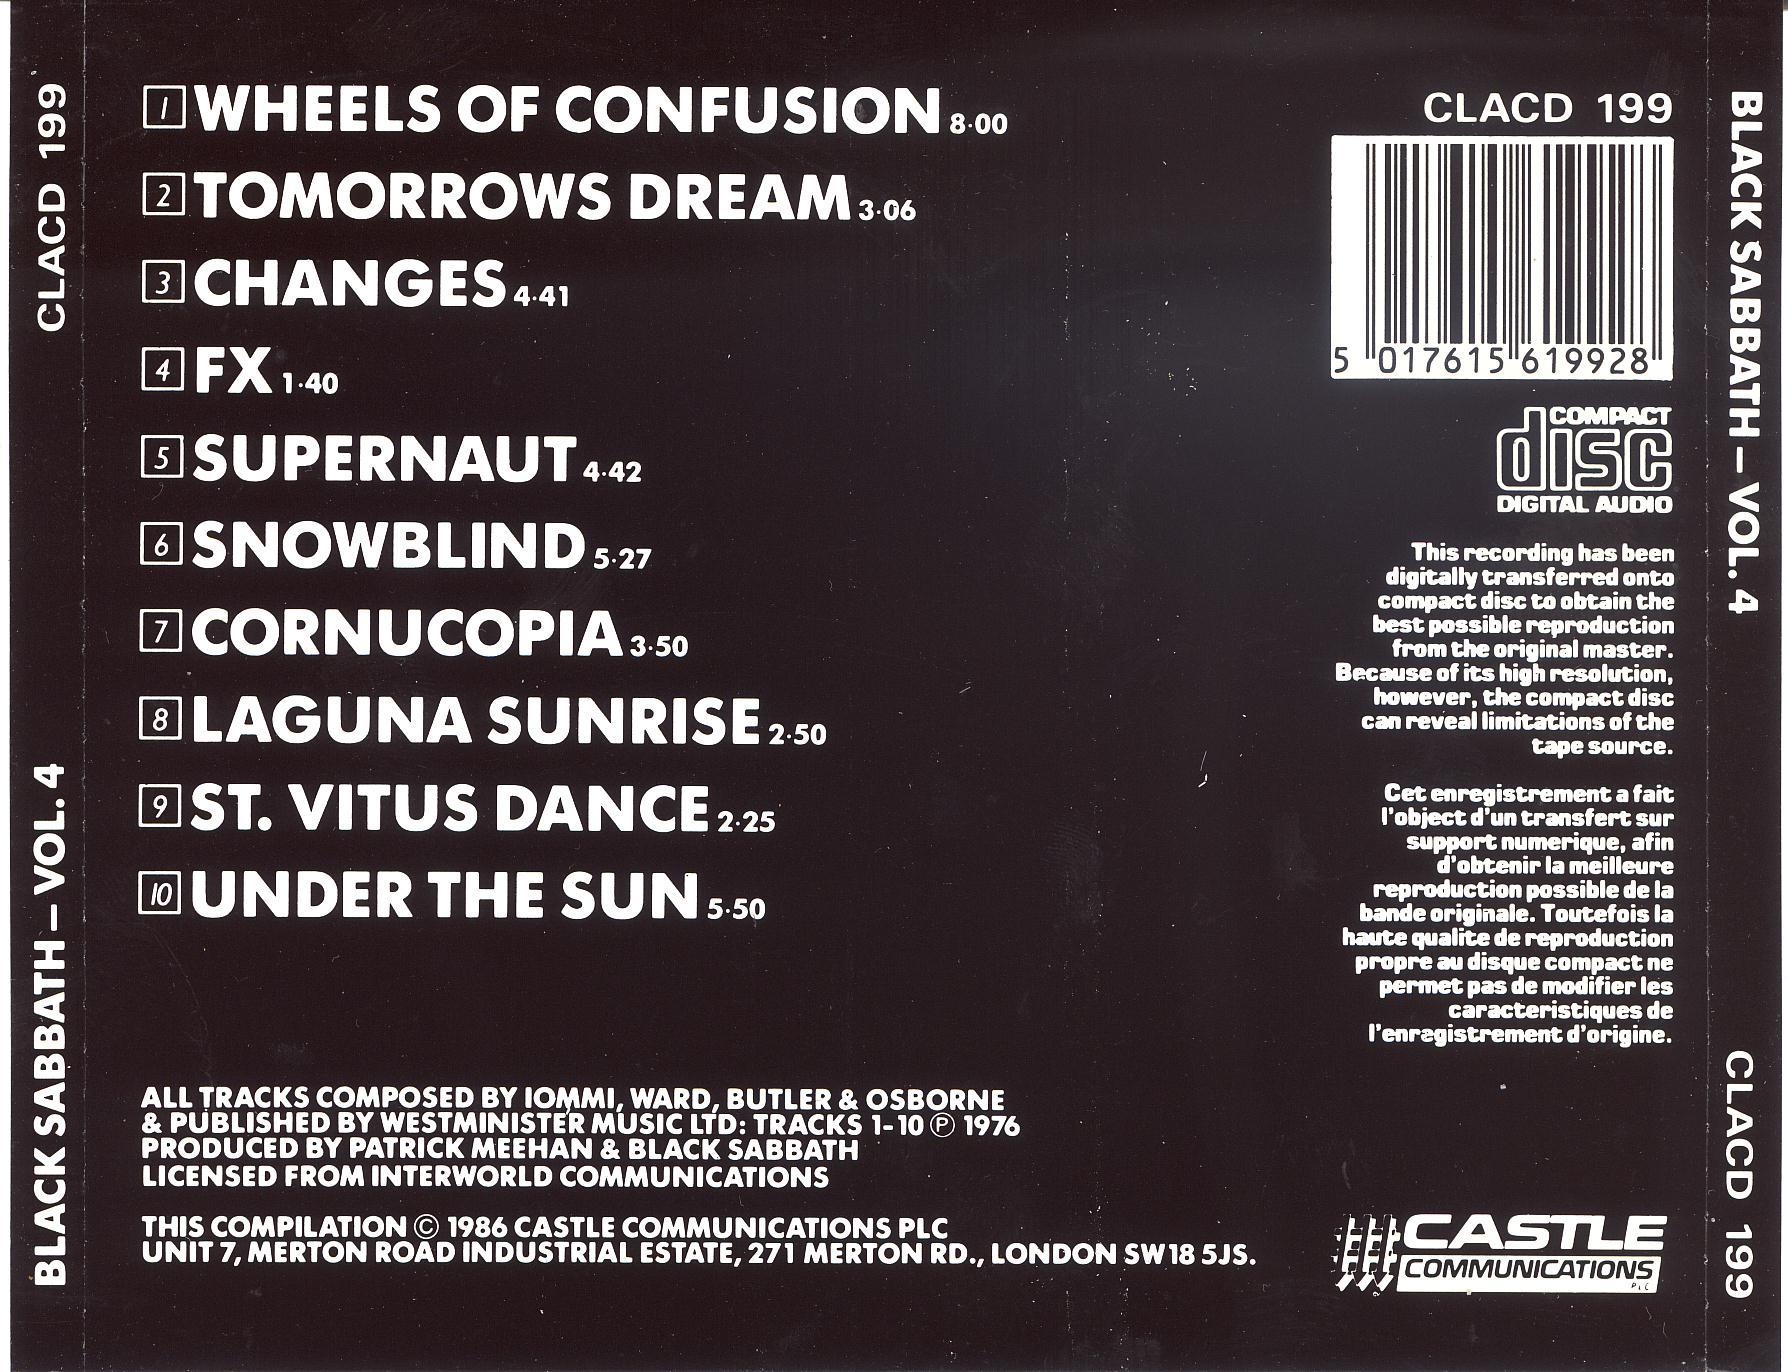 vol 4 cd albums